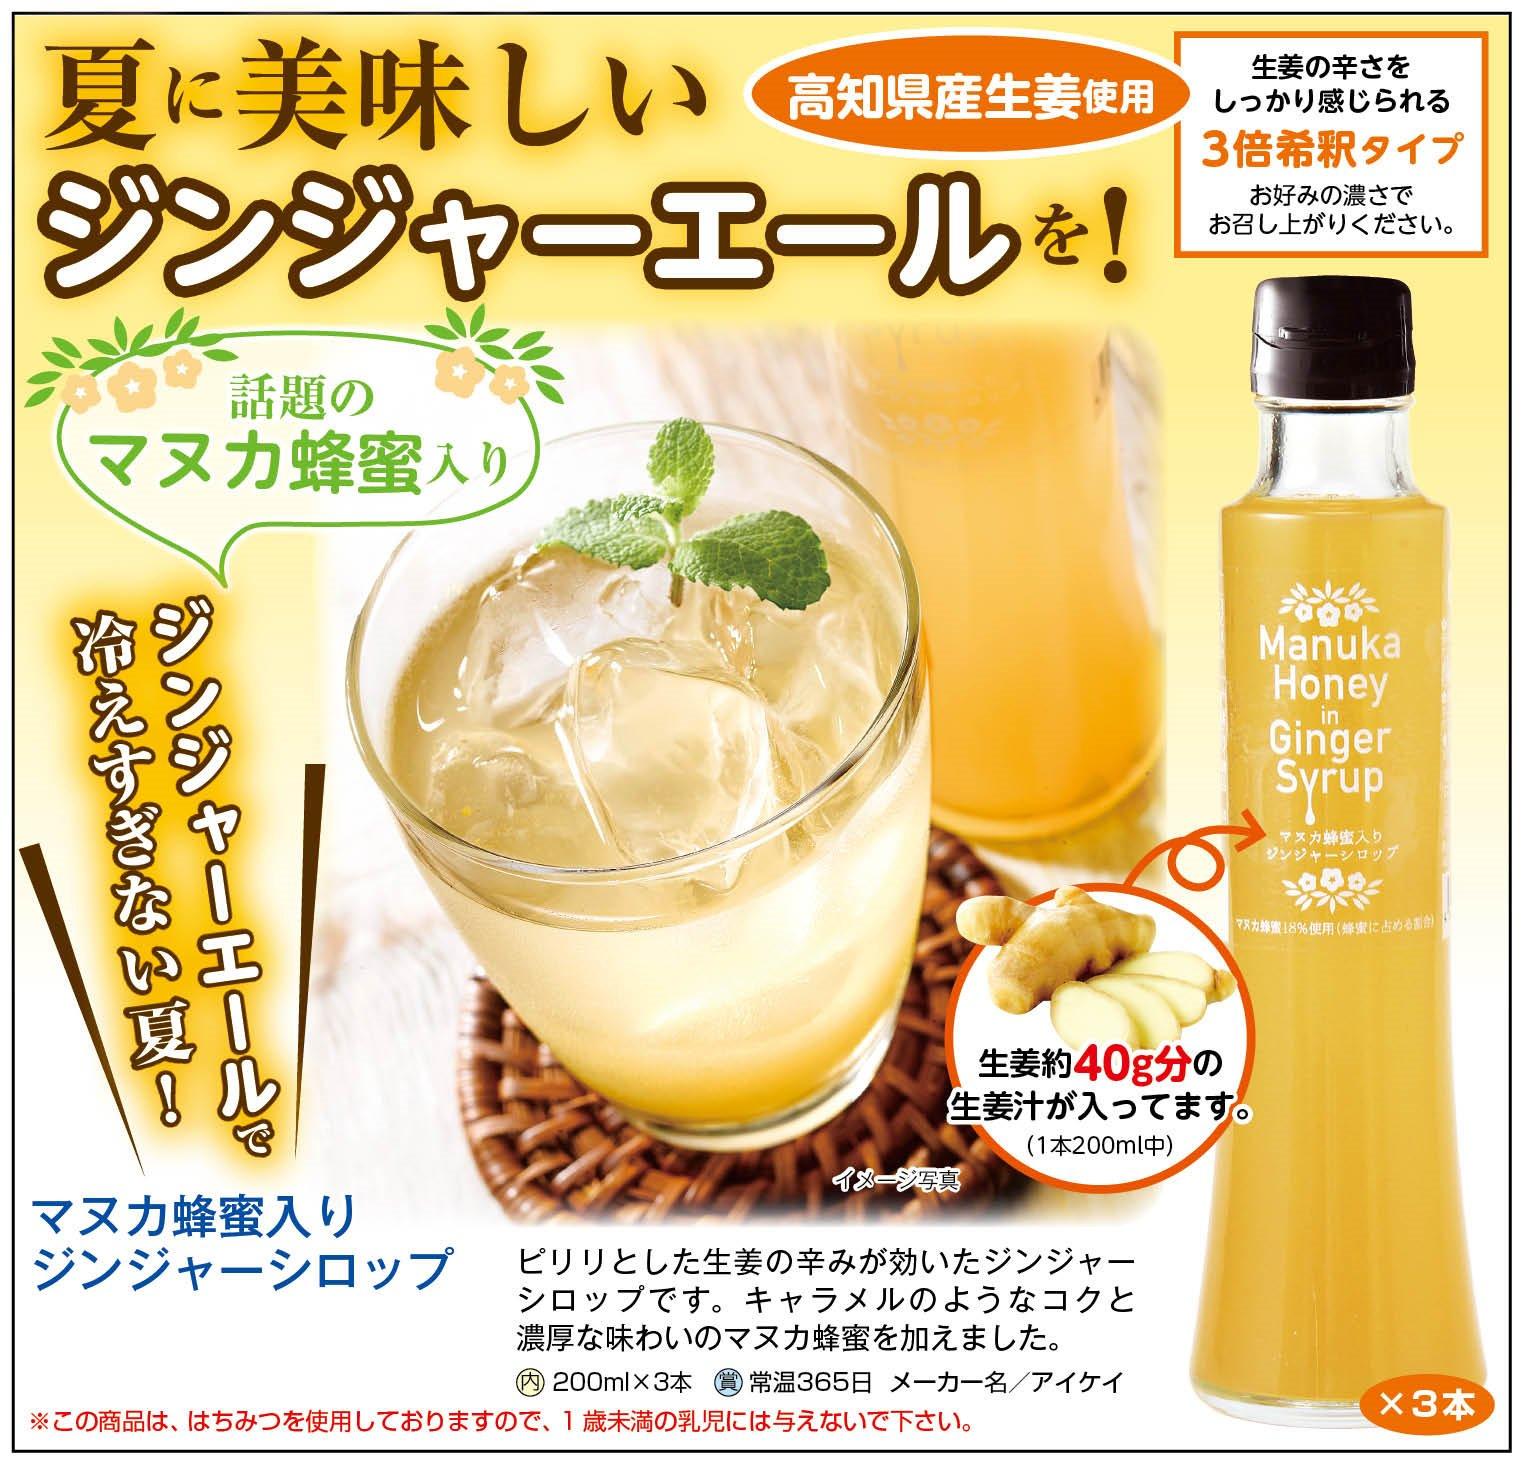 マヌカ蜂蜜入りジンジャーシロップ200ml×3本